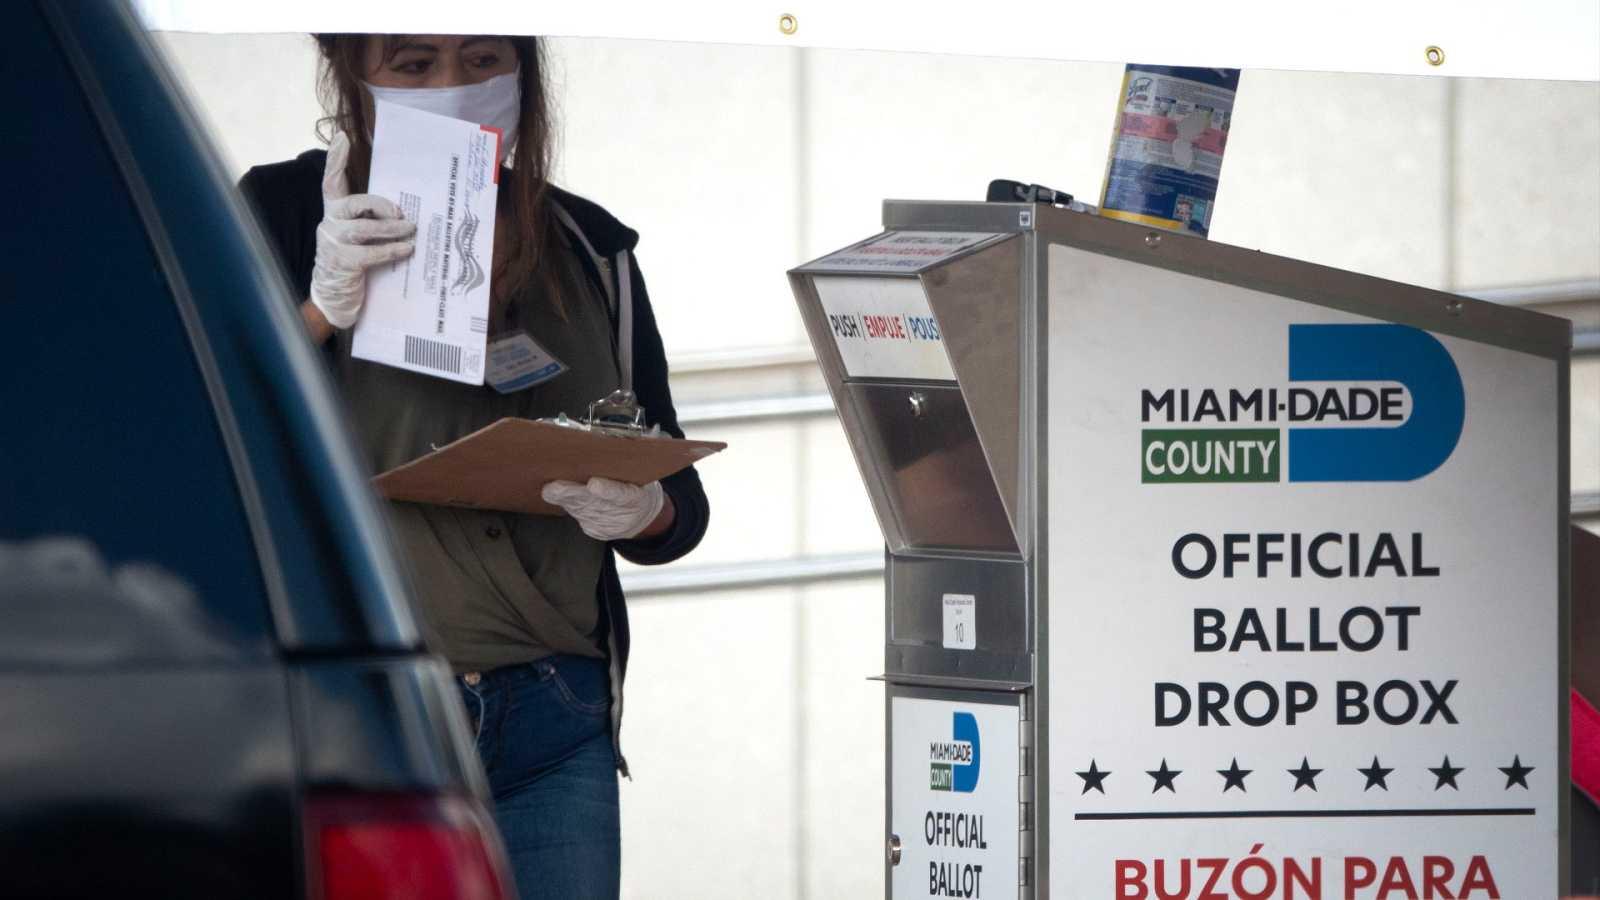 Reportajes 5 Continentes - Elecciones EE.UU.: ¿Cómo se vota en Florida? - Escuchar ahora